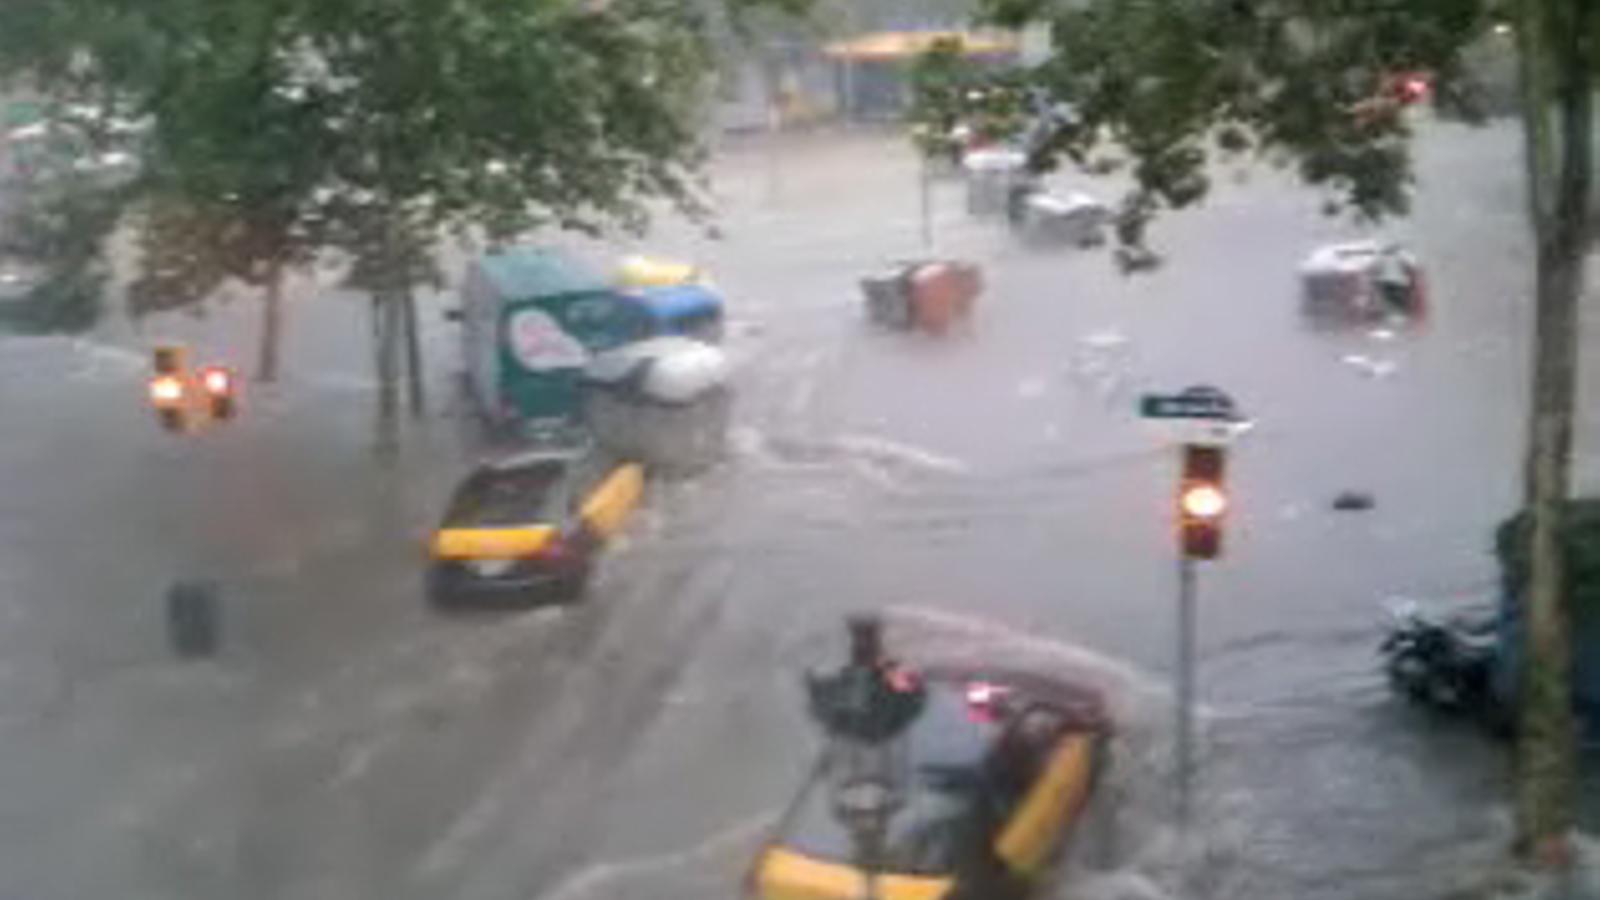 Imatges de l'aiguat a l'avinguda Paral·lel de Barcelona